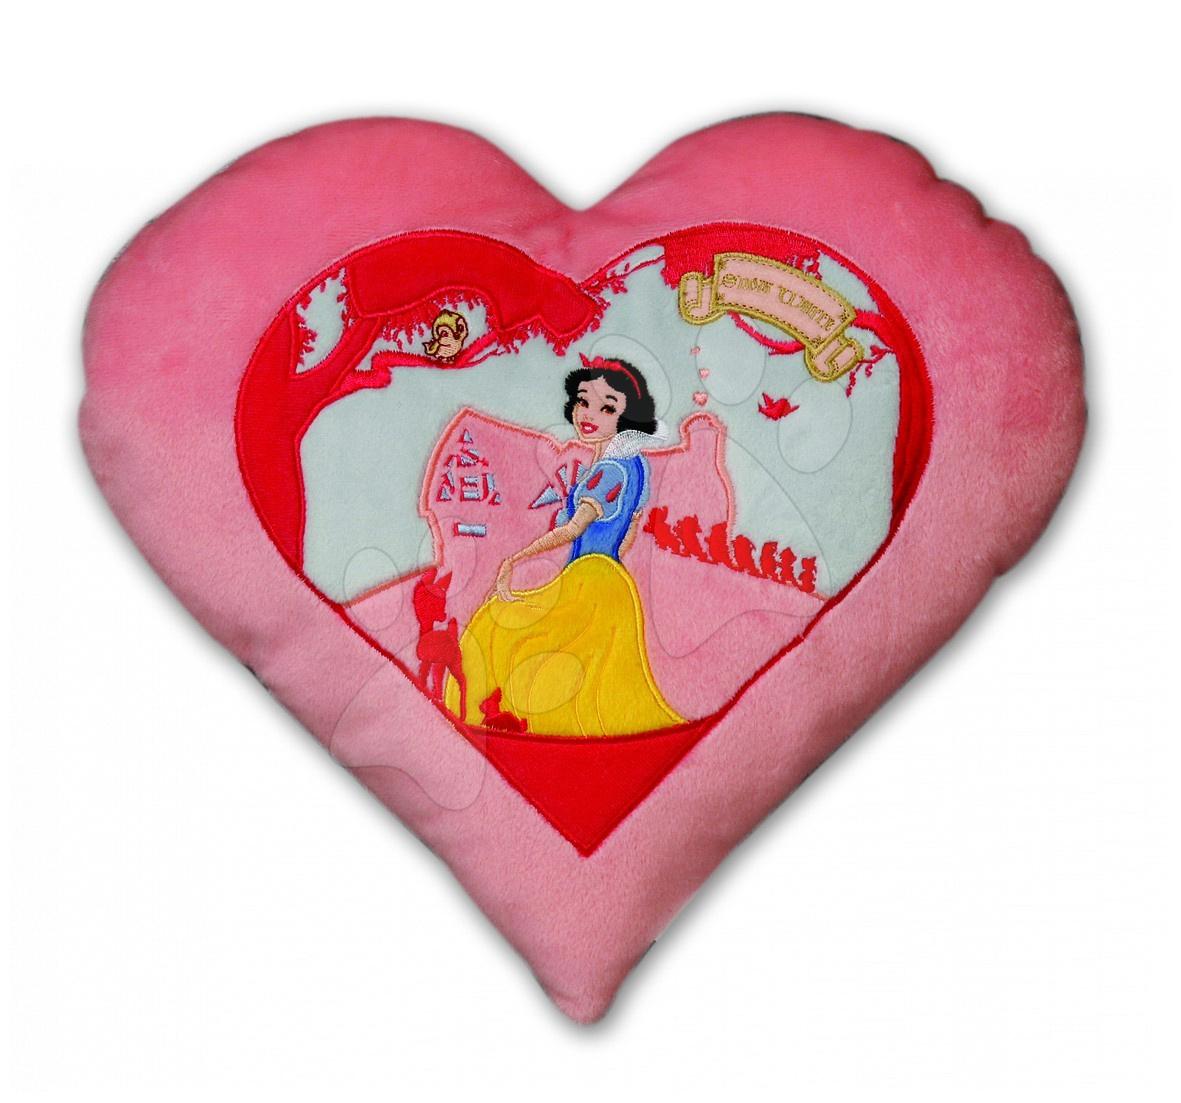 Polštář WD Princezny Ilanit Sněhurka srdíčko 36 cm růžový